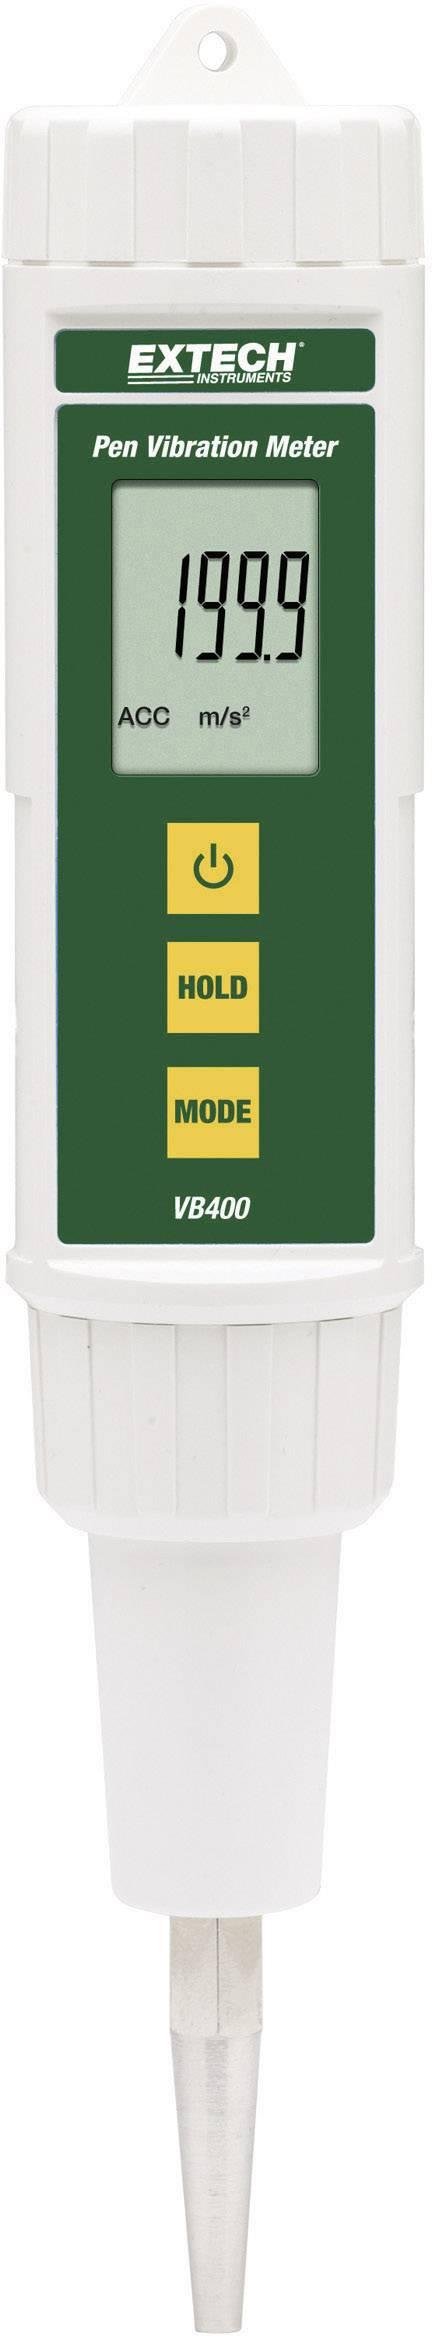 Merač vibrácií Extech VB400